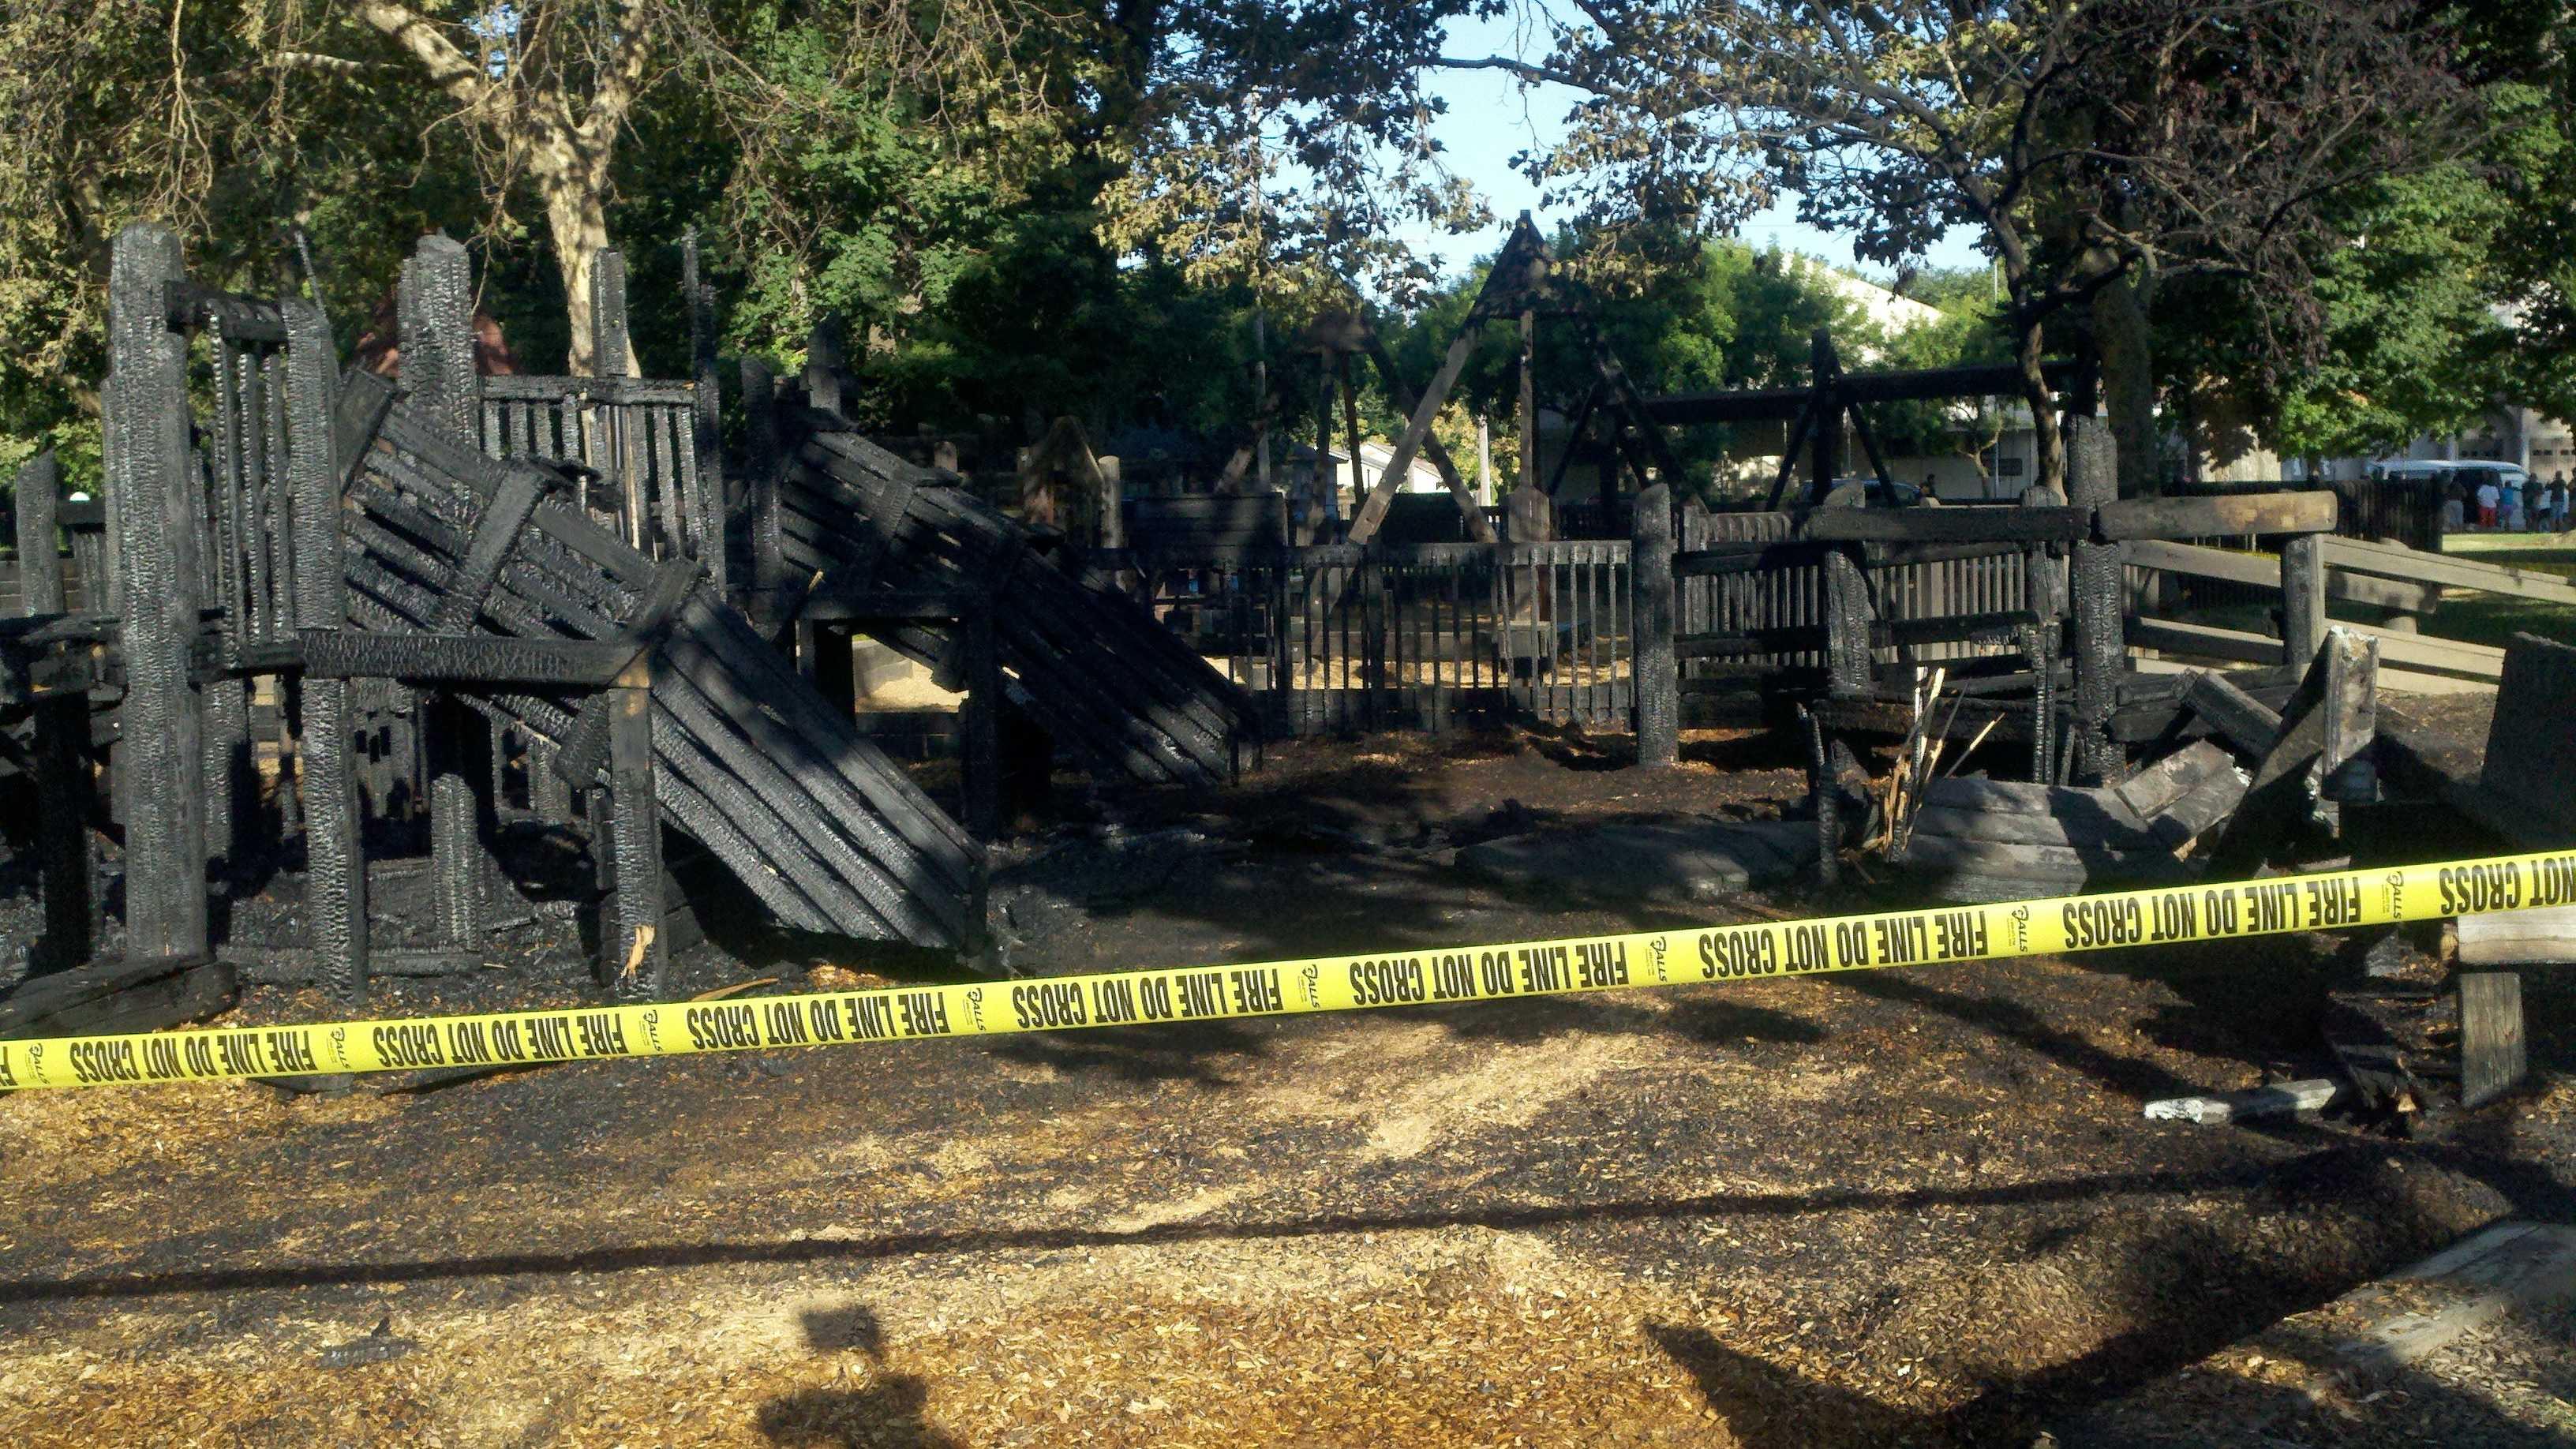 McKinley Park fire